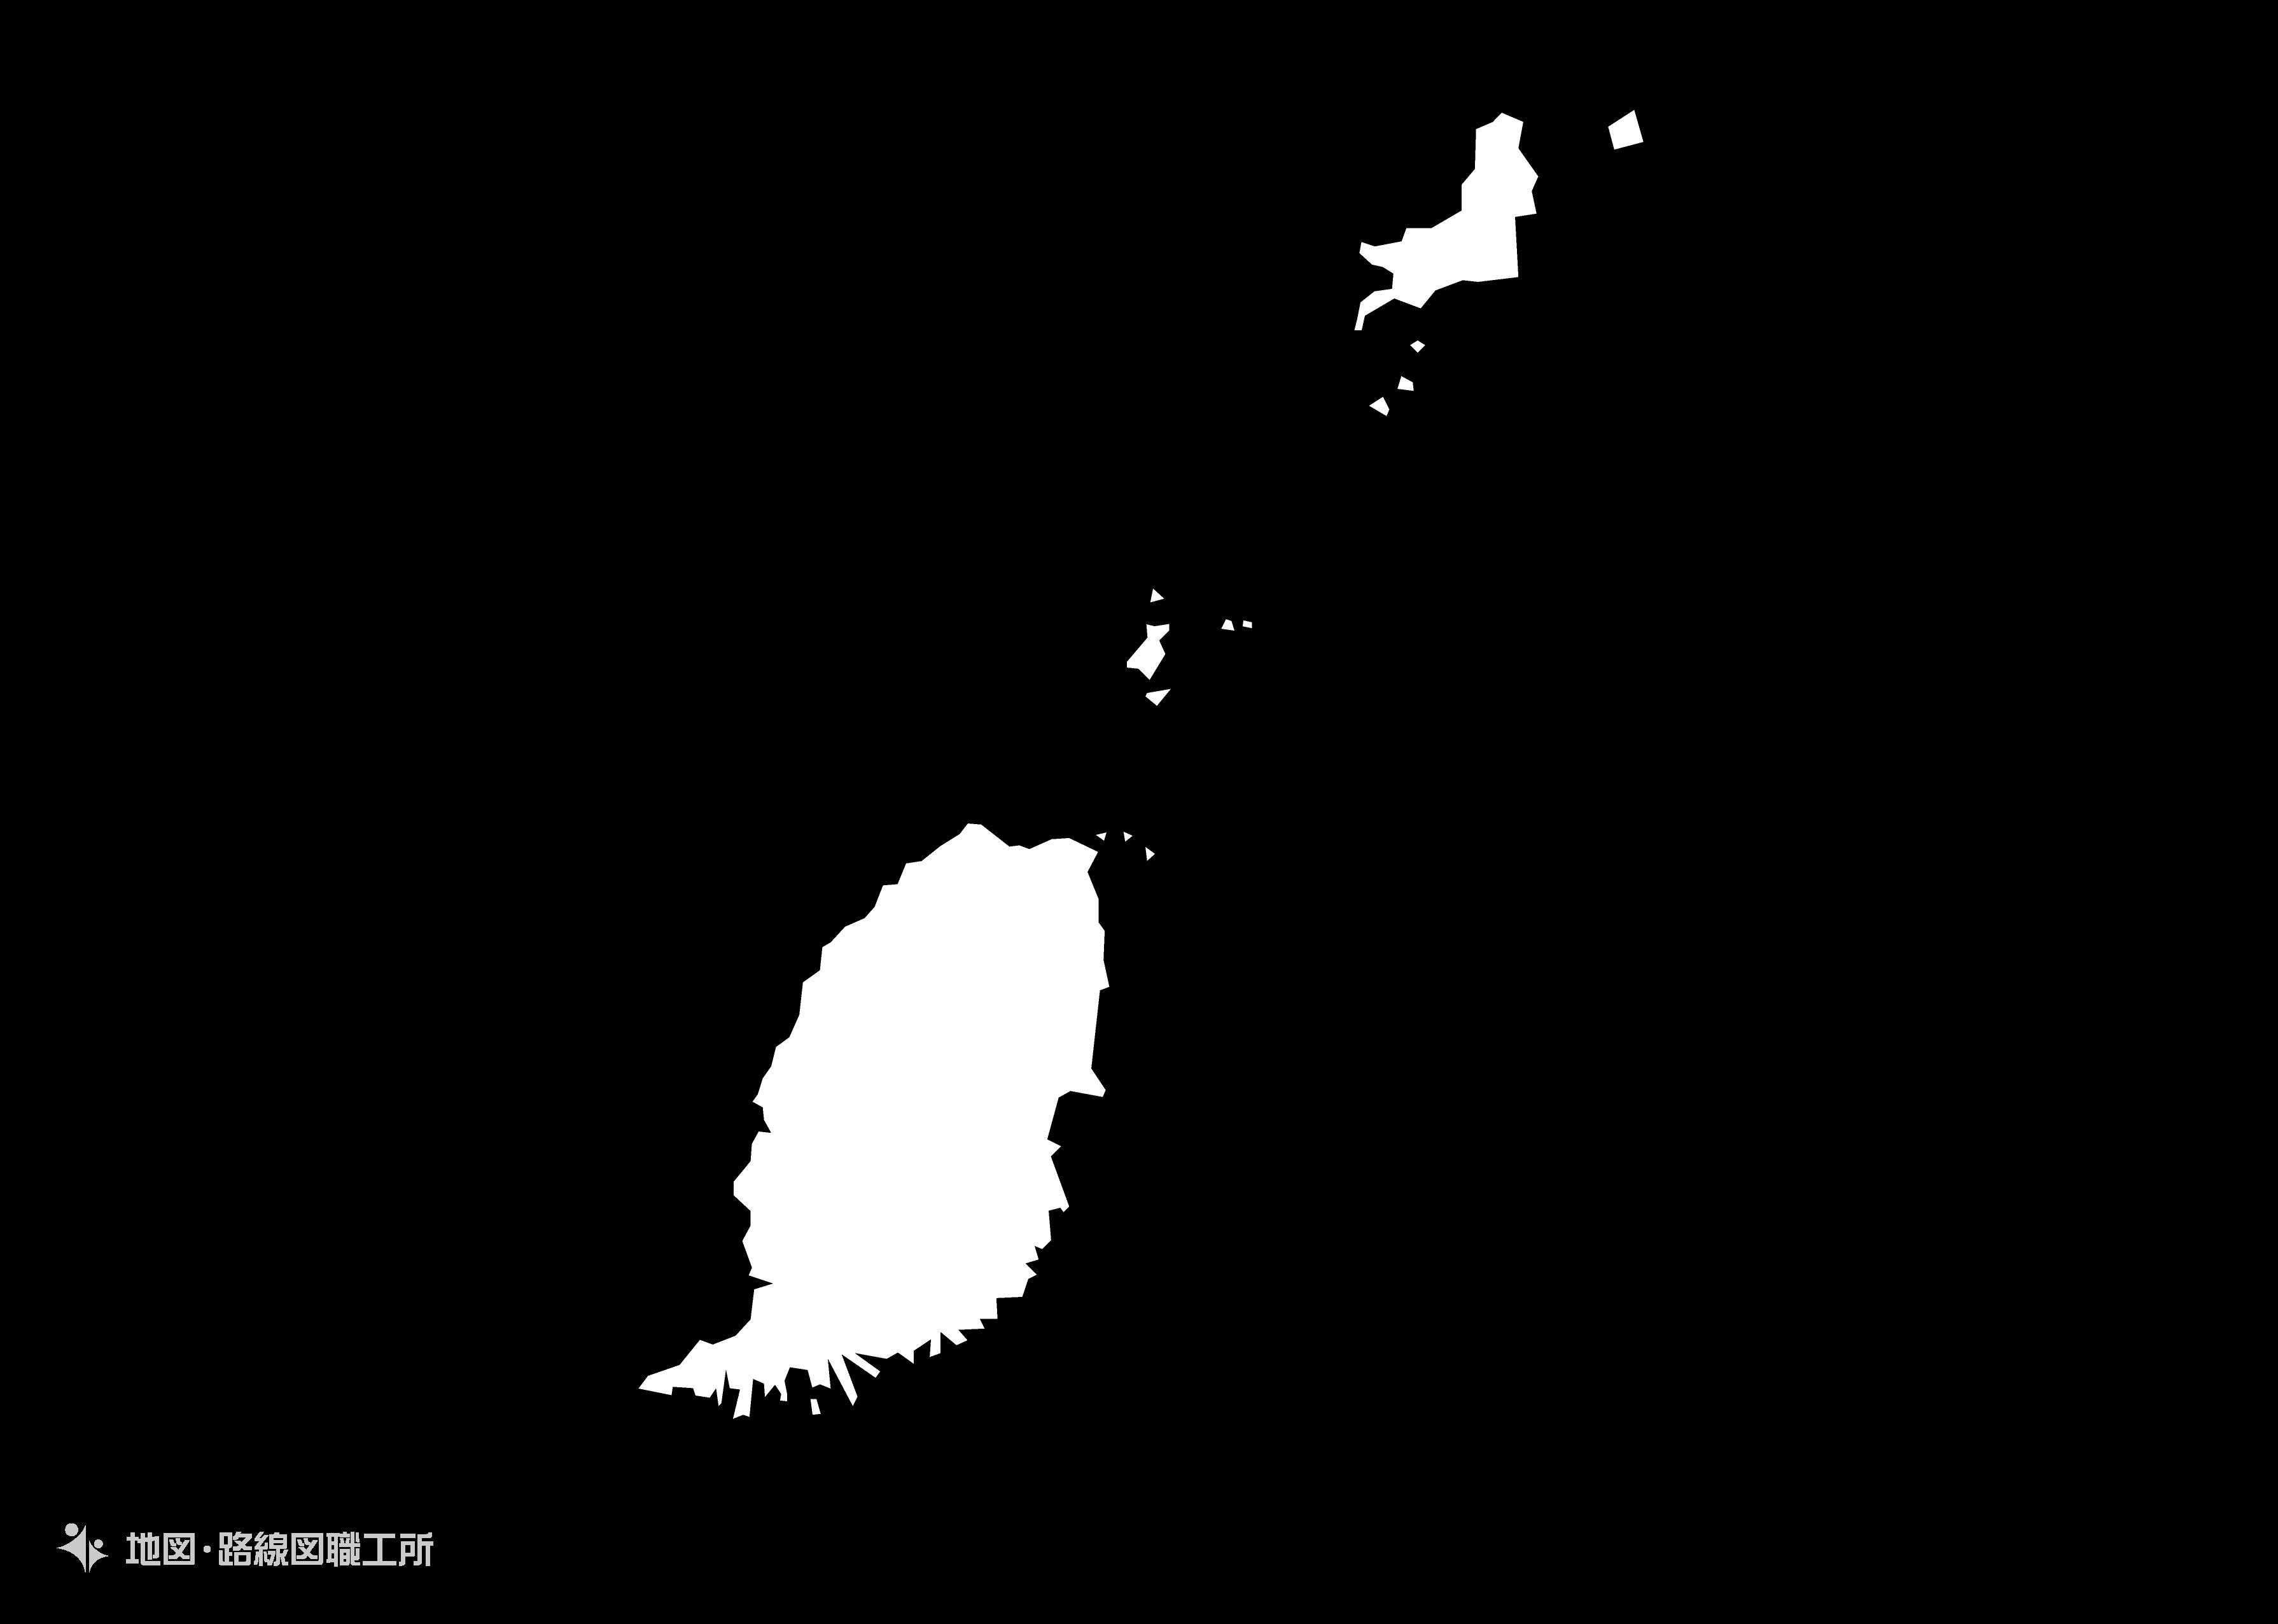 世界の白地図 グレダナ grenada map